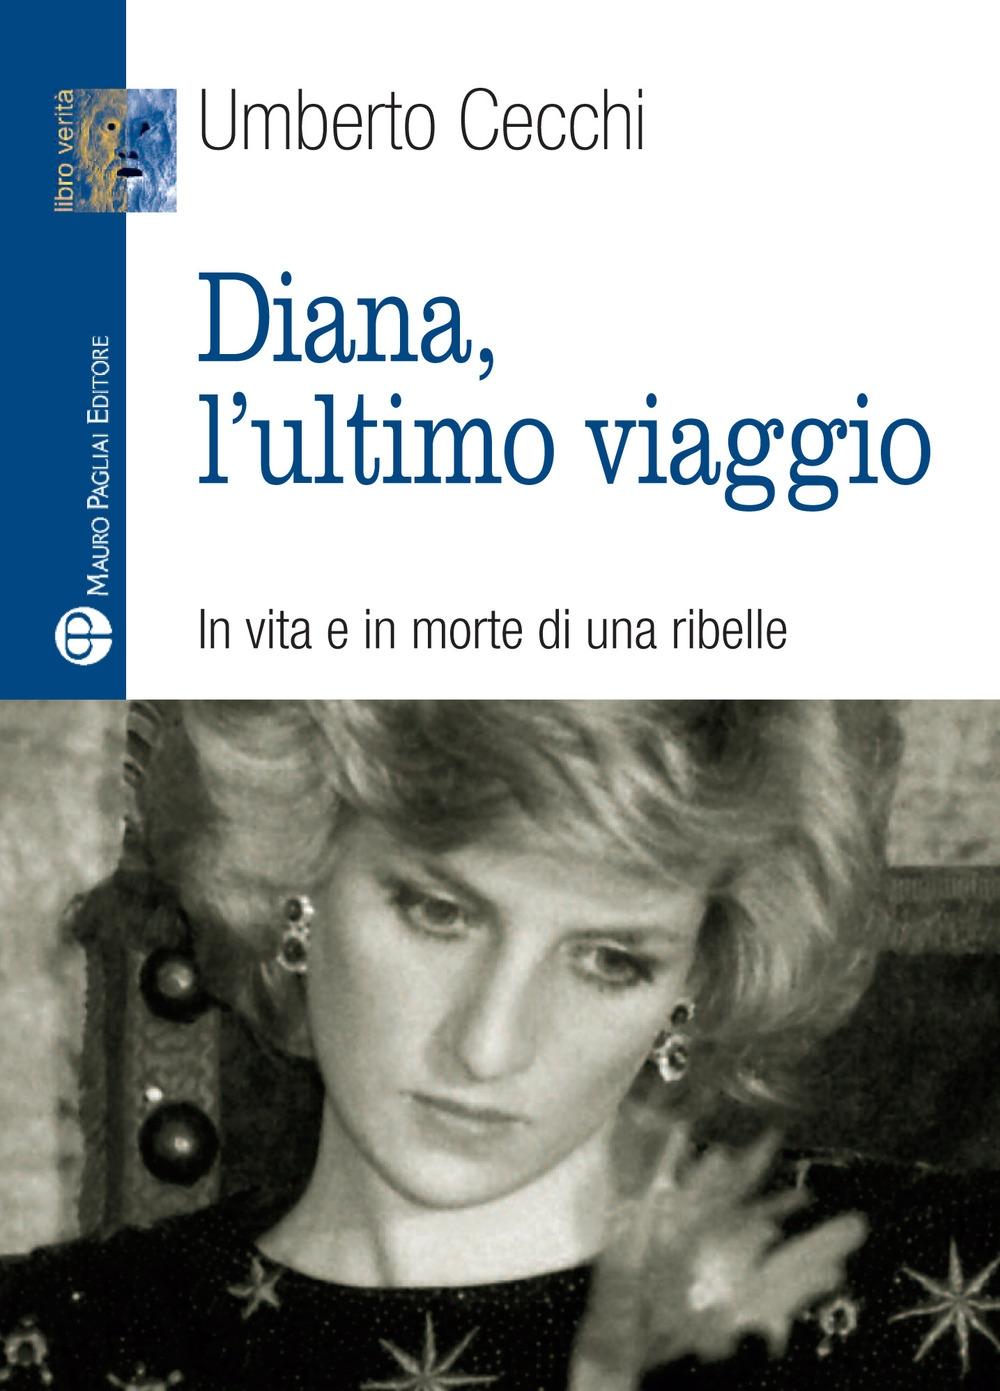 Diana Addio. In Vita e in Morte di una Ribelle